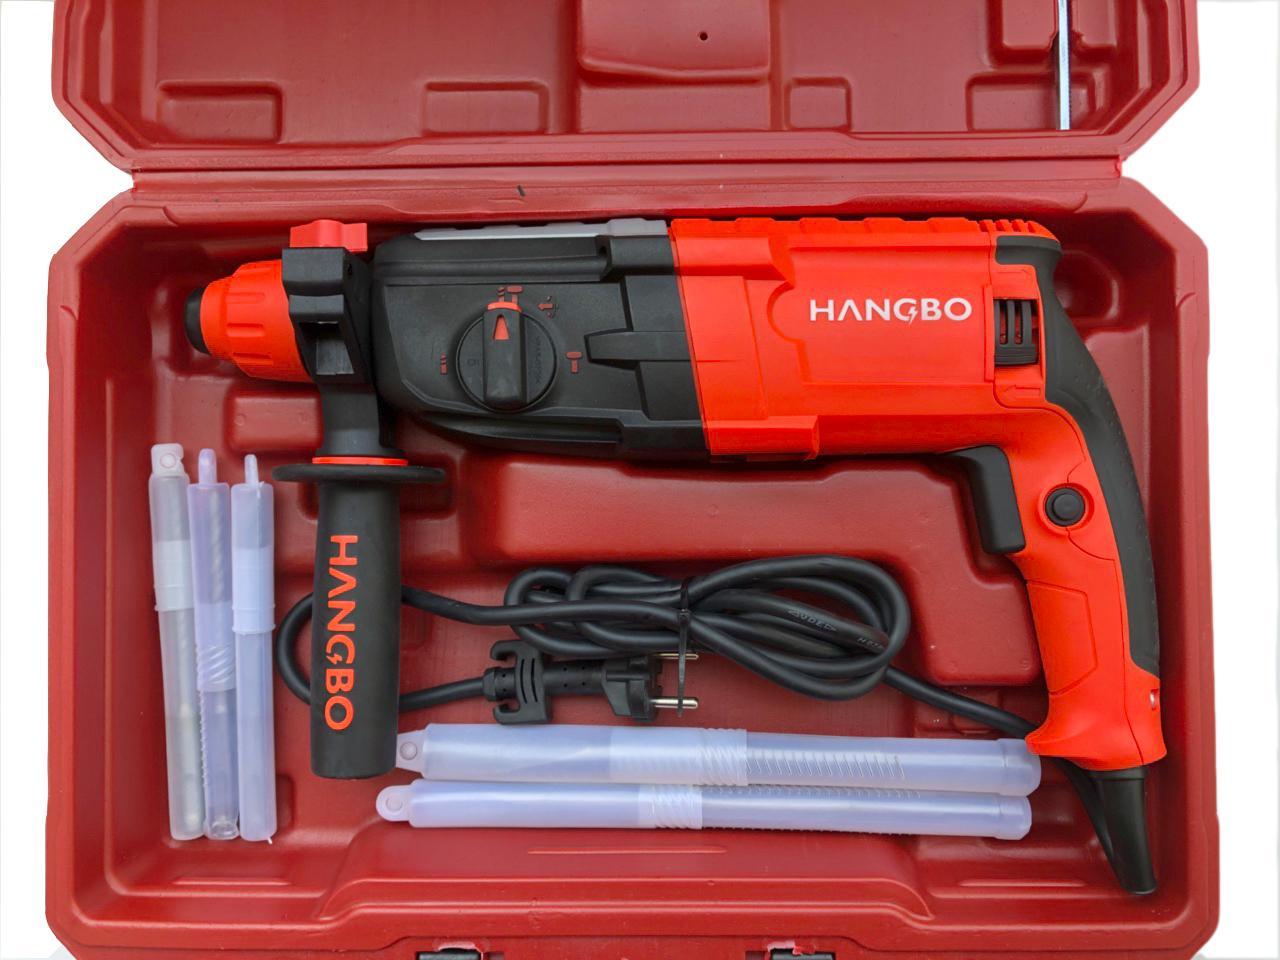 MÁY KHOAN ĐỤC BA CHỨC NĂNG HANGBO 950W